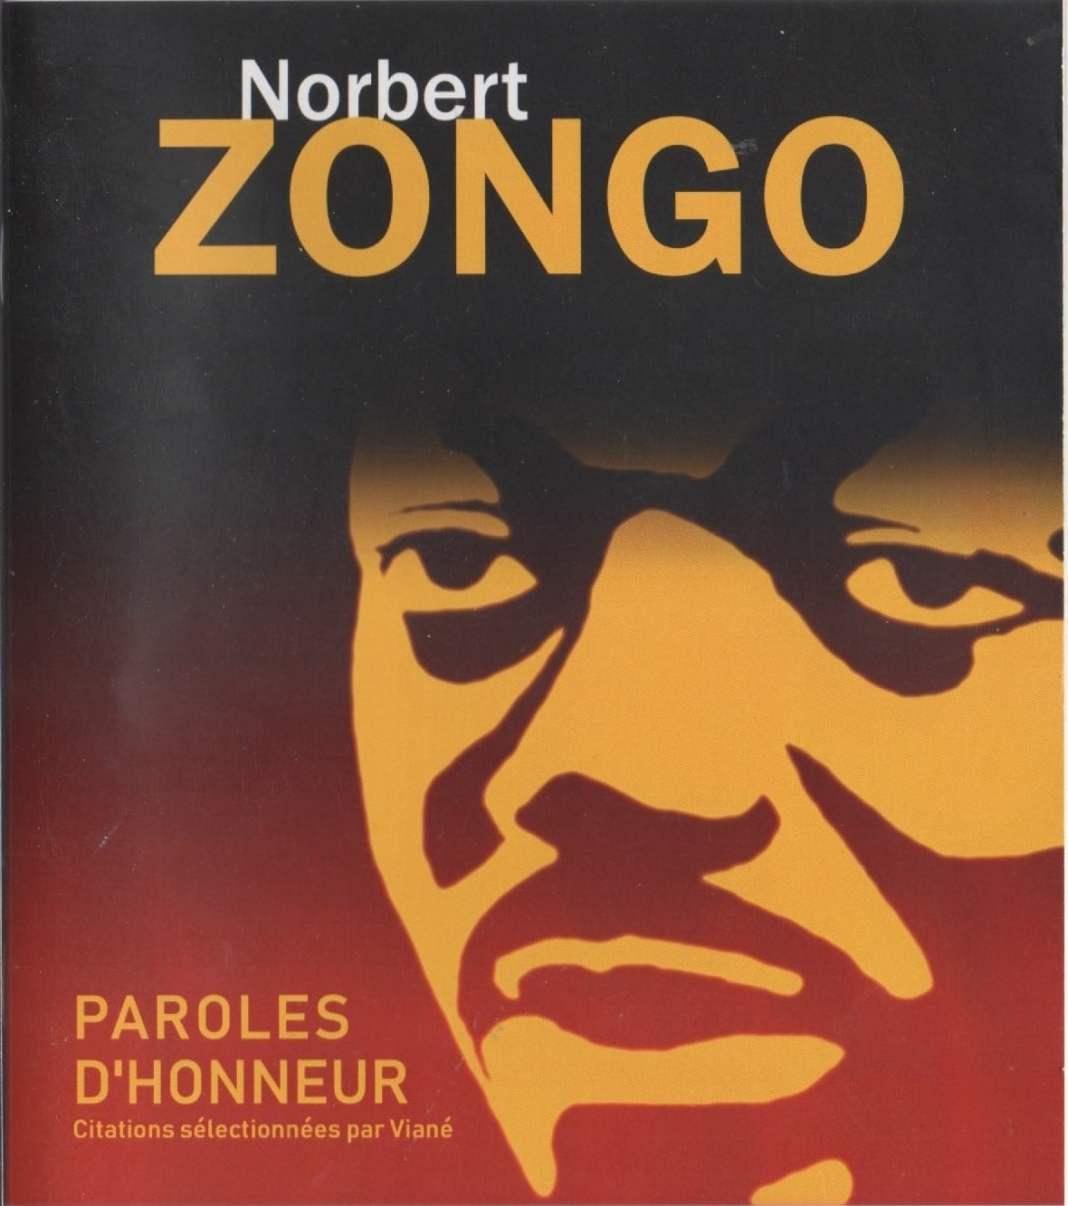 Couverture recueil de citations Norbert Zongo par Viané